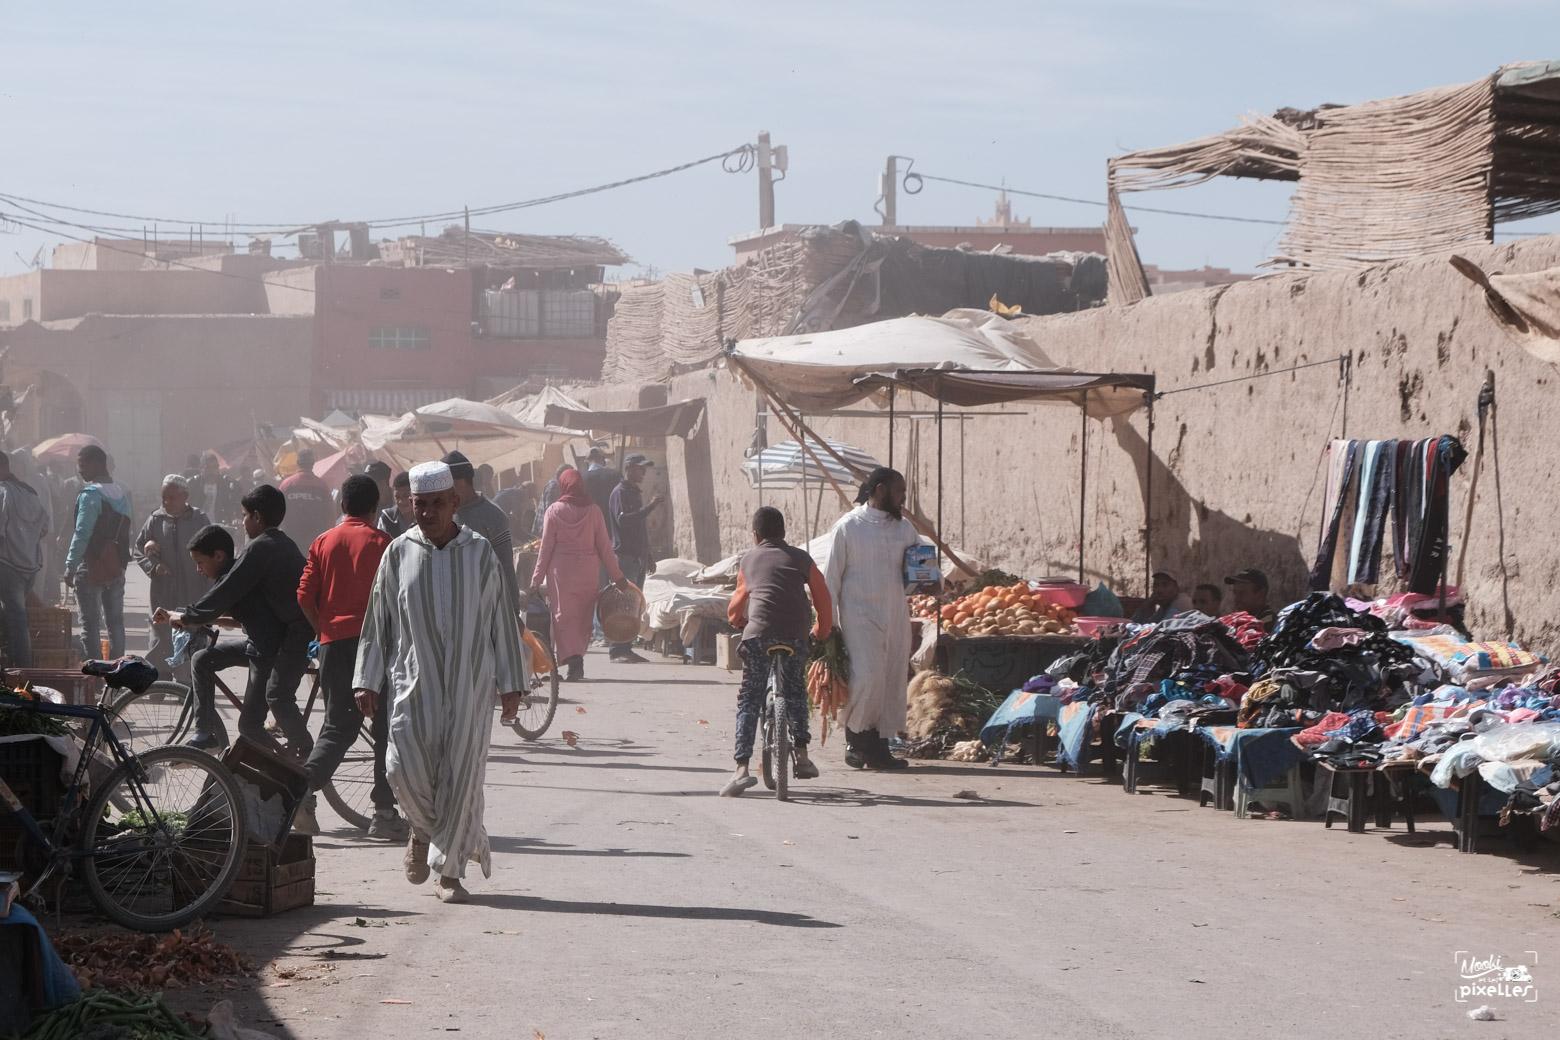 l'ambiance du souk de risani dans le sud du maroc